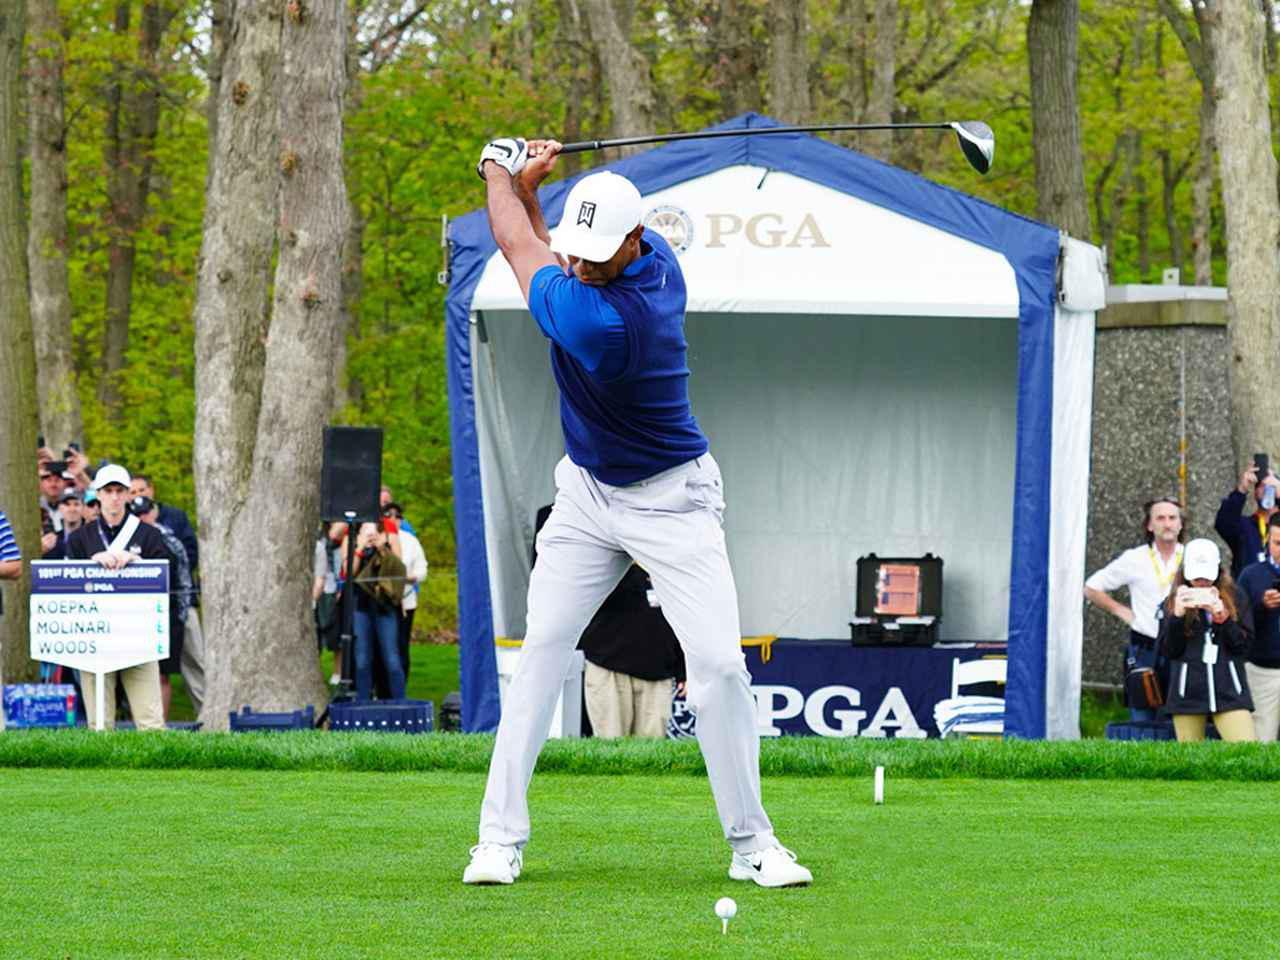 画像2: 【タイガー・ウッズ】PGAツアー82勝の偉業達成。43歳の新スウィングは手首が自然にリリース。体にやさしい、アマのお手本!